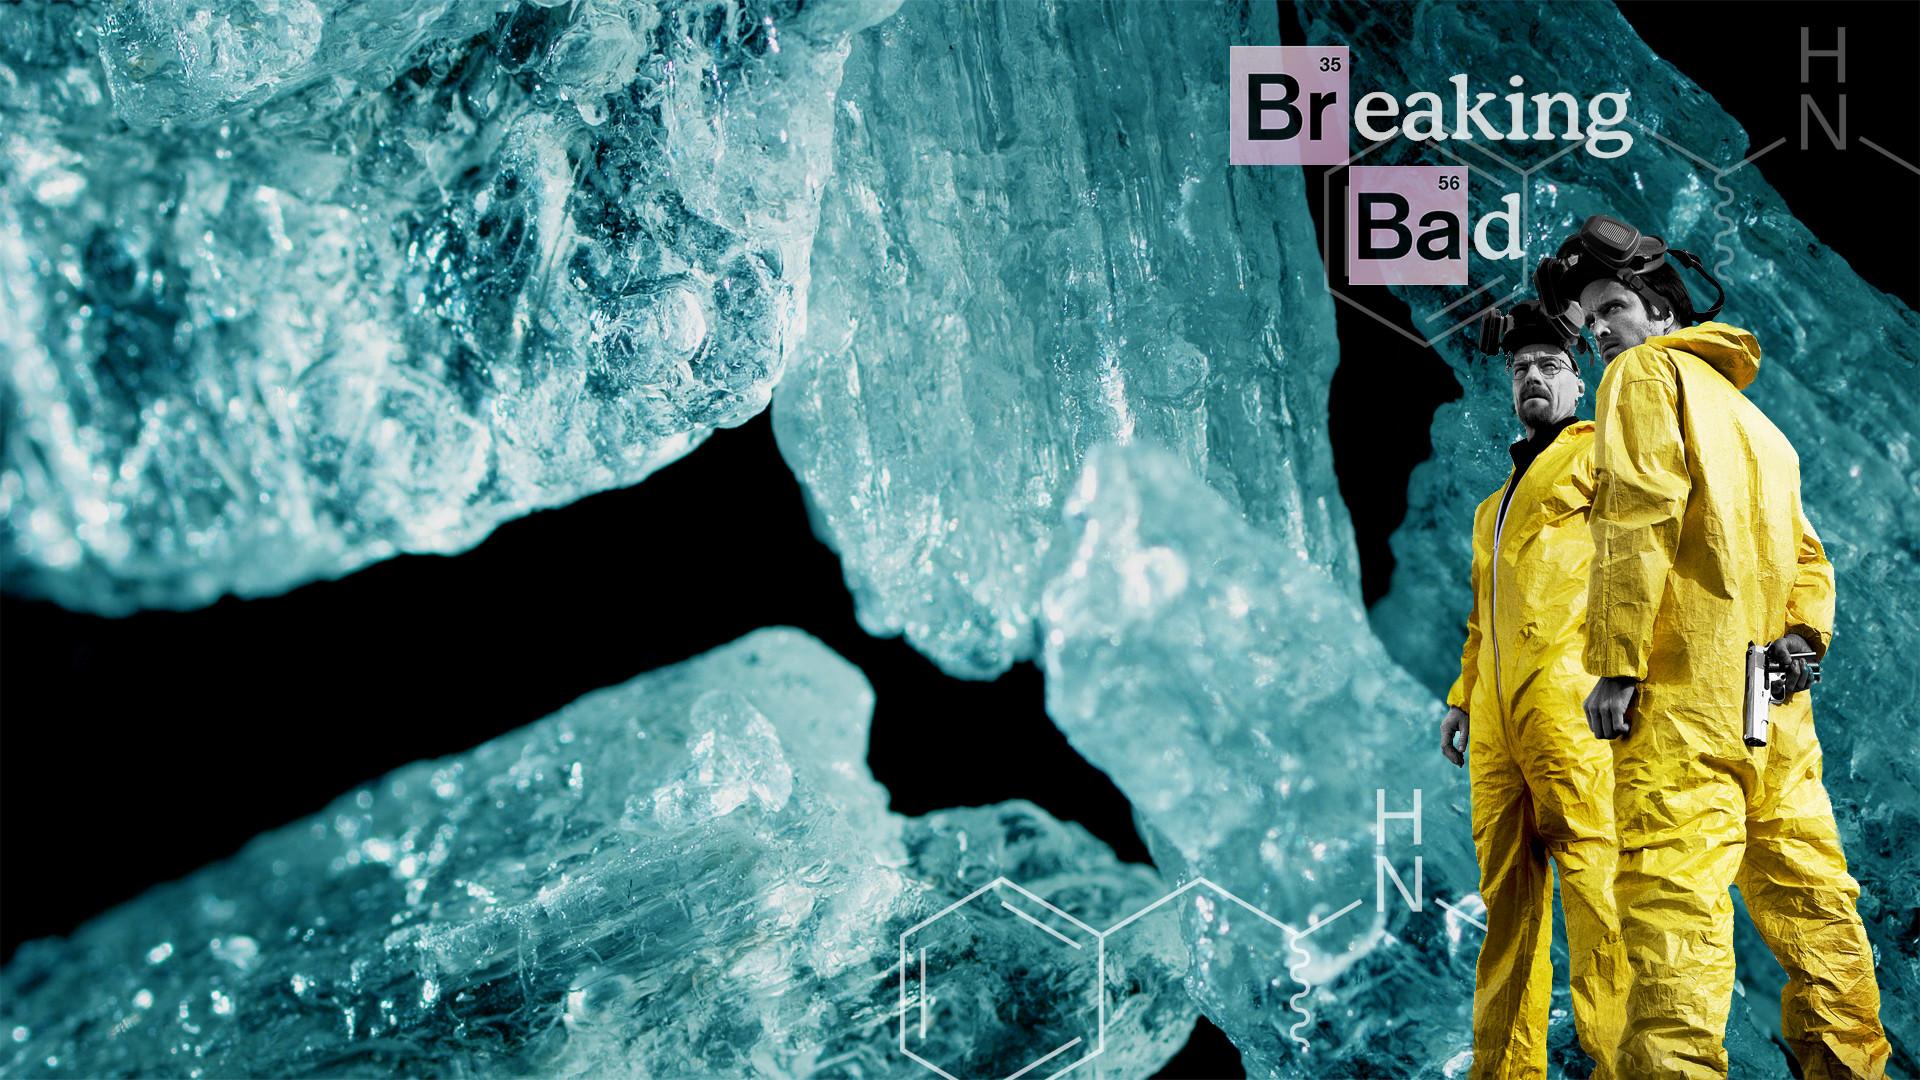 Breaking Bad Desktop Wallpaper (76+ Images